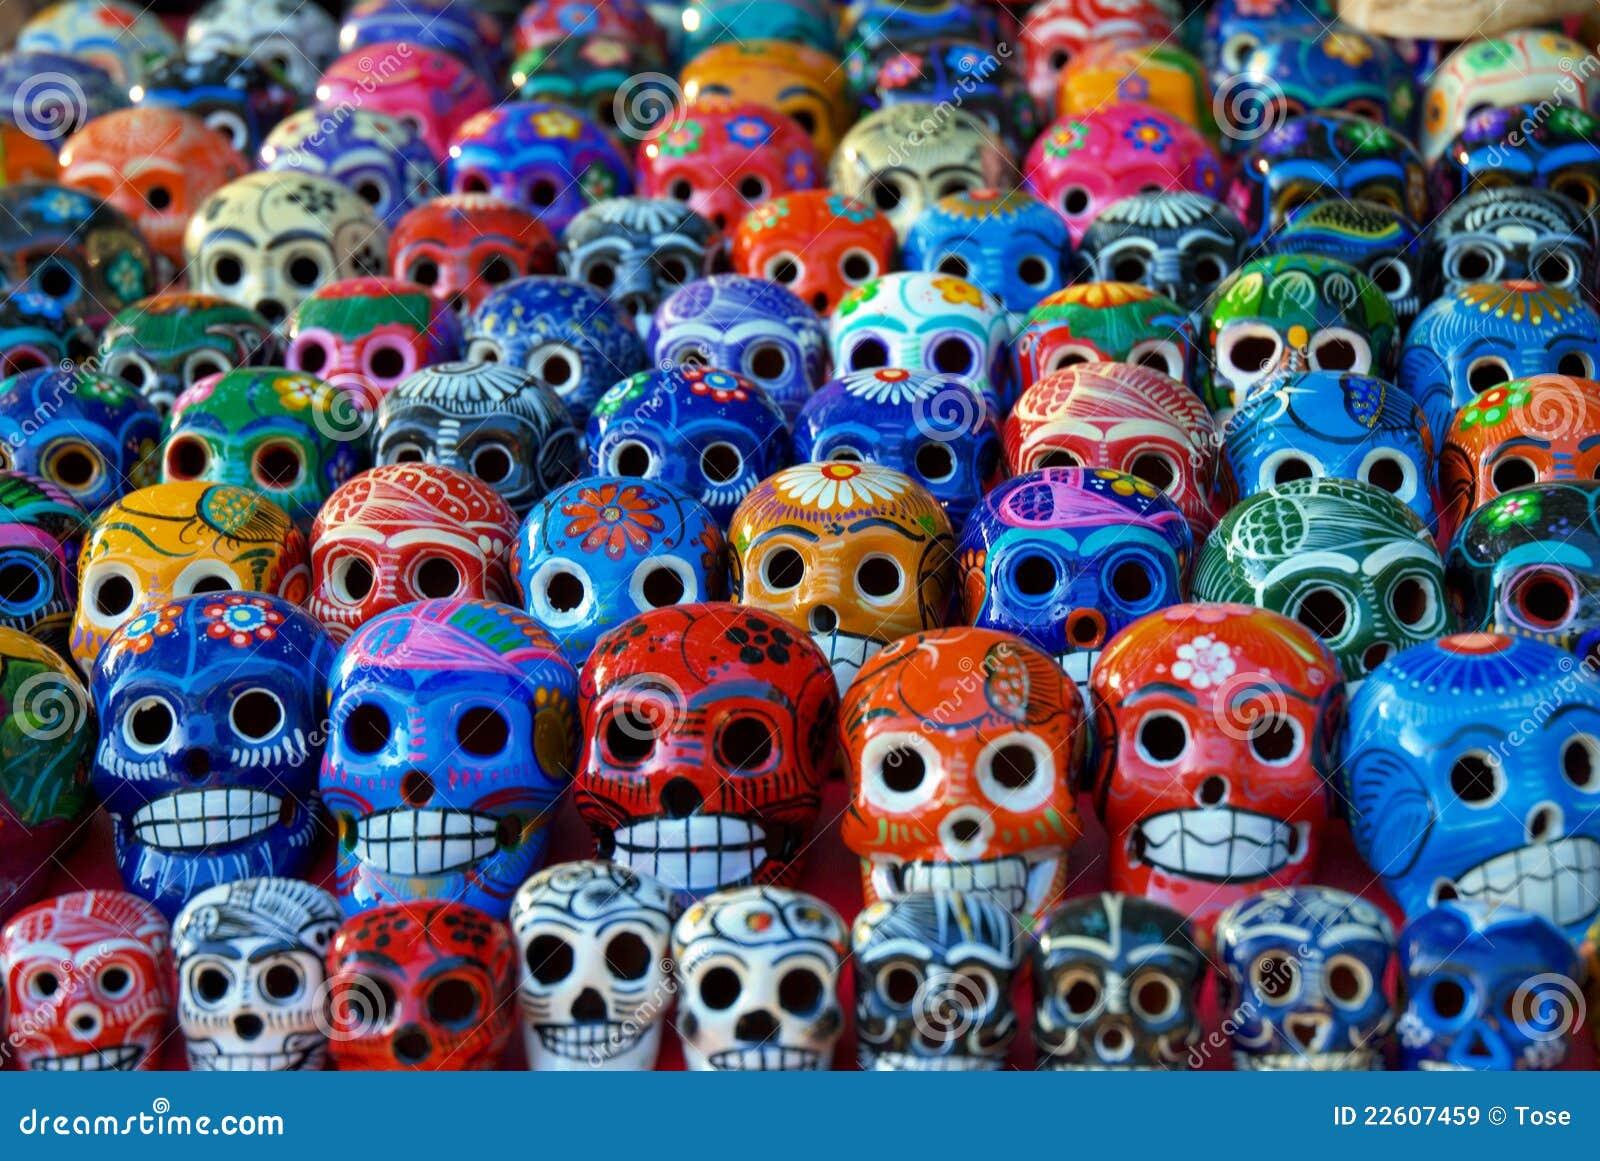 Cráneos de cerámica para la venta en Chichen Itza, México